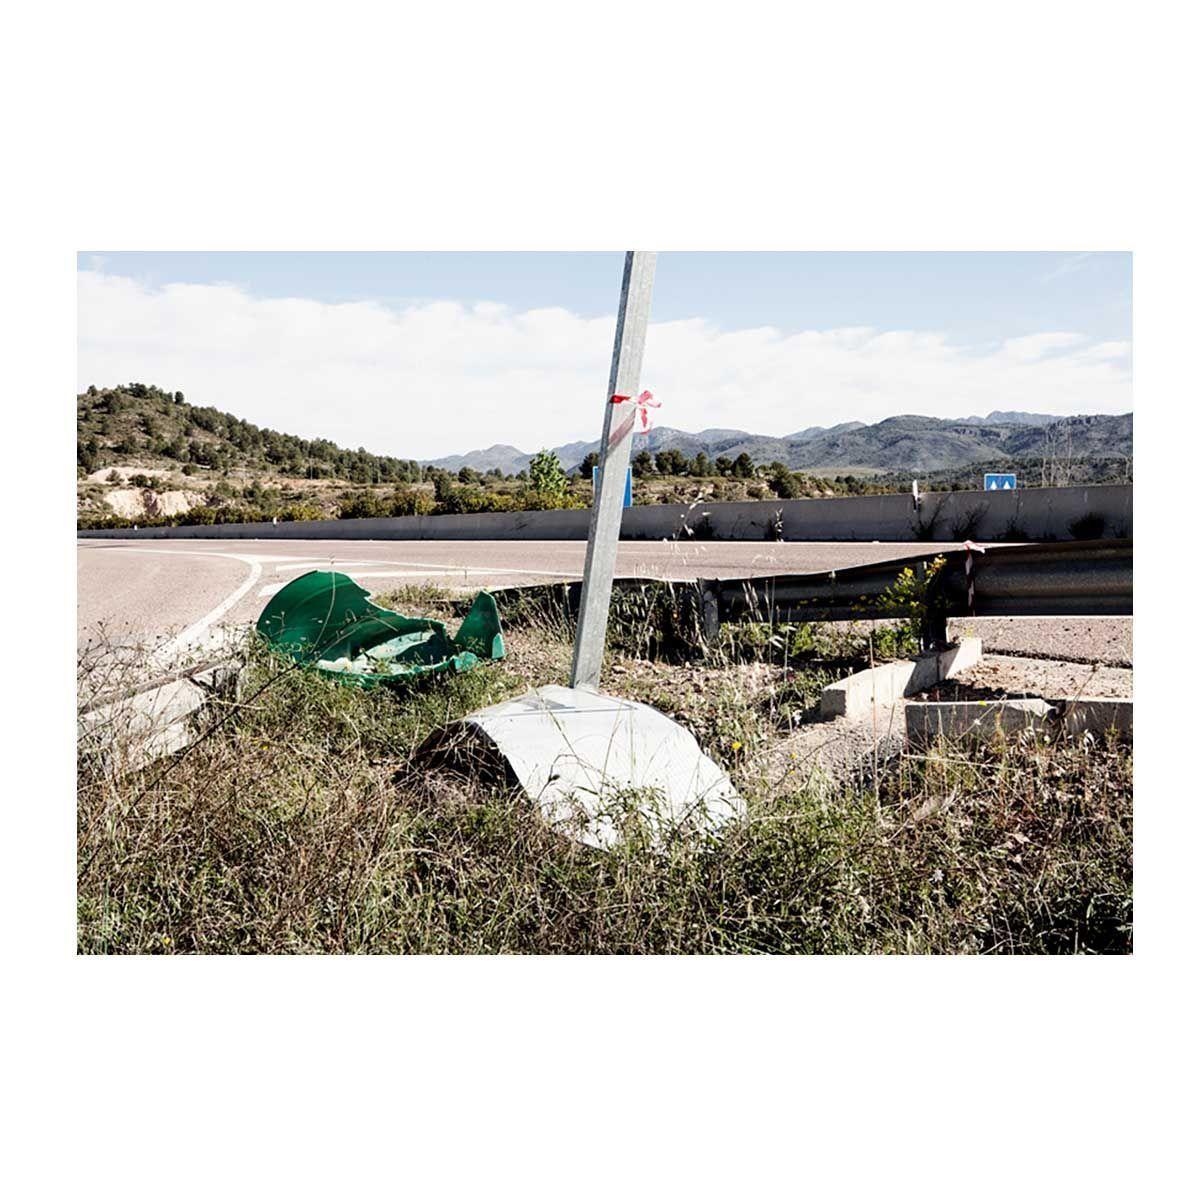 autopsia-pablo-chacon-08